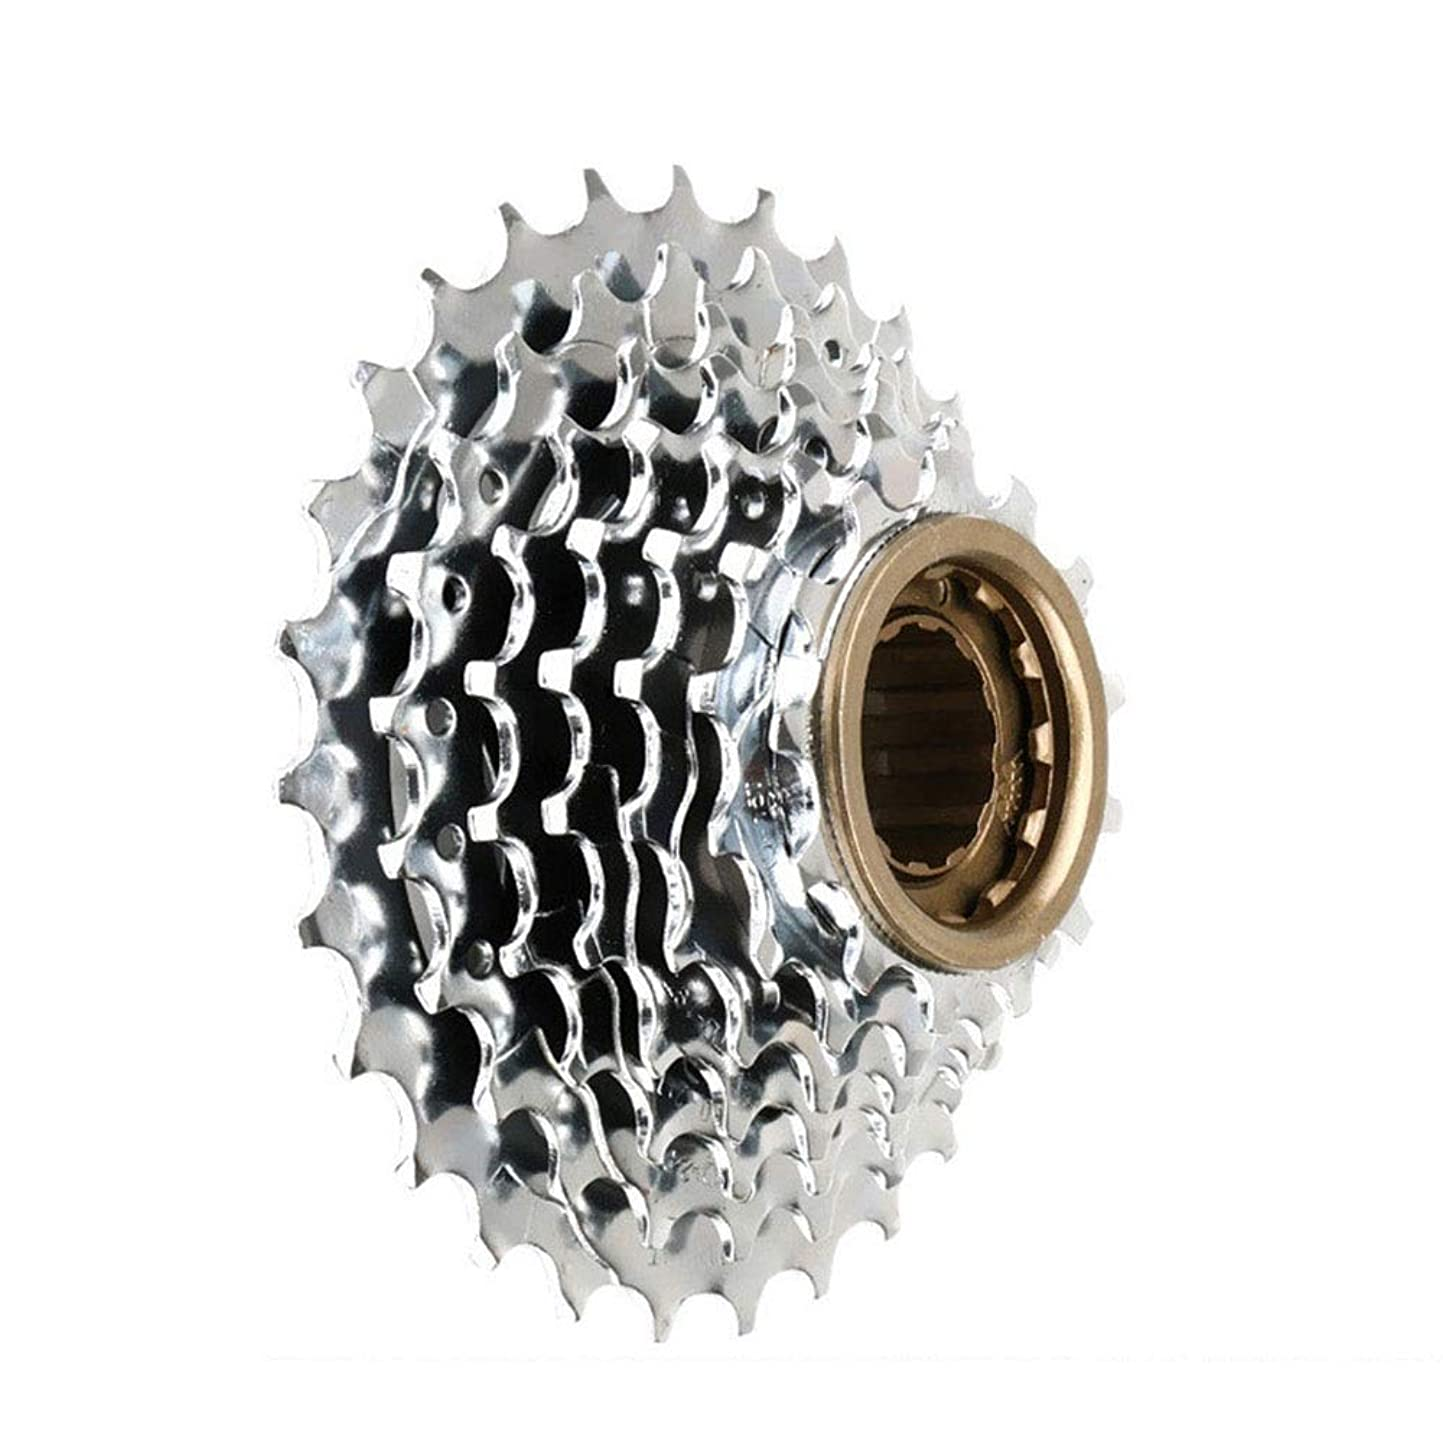 書き込みハンドブック安心させるフリーホイール マウンテンバイク21速ロータリーフライホイールシフトタワーホイール7 7速フライホイール マウンテンバイク、ロードバイク、MTB、BMX、SRAM、Shimano用 (色 : 銀, サイズ : 7 speed)